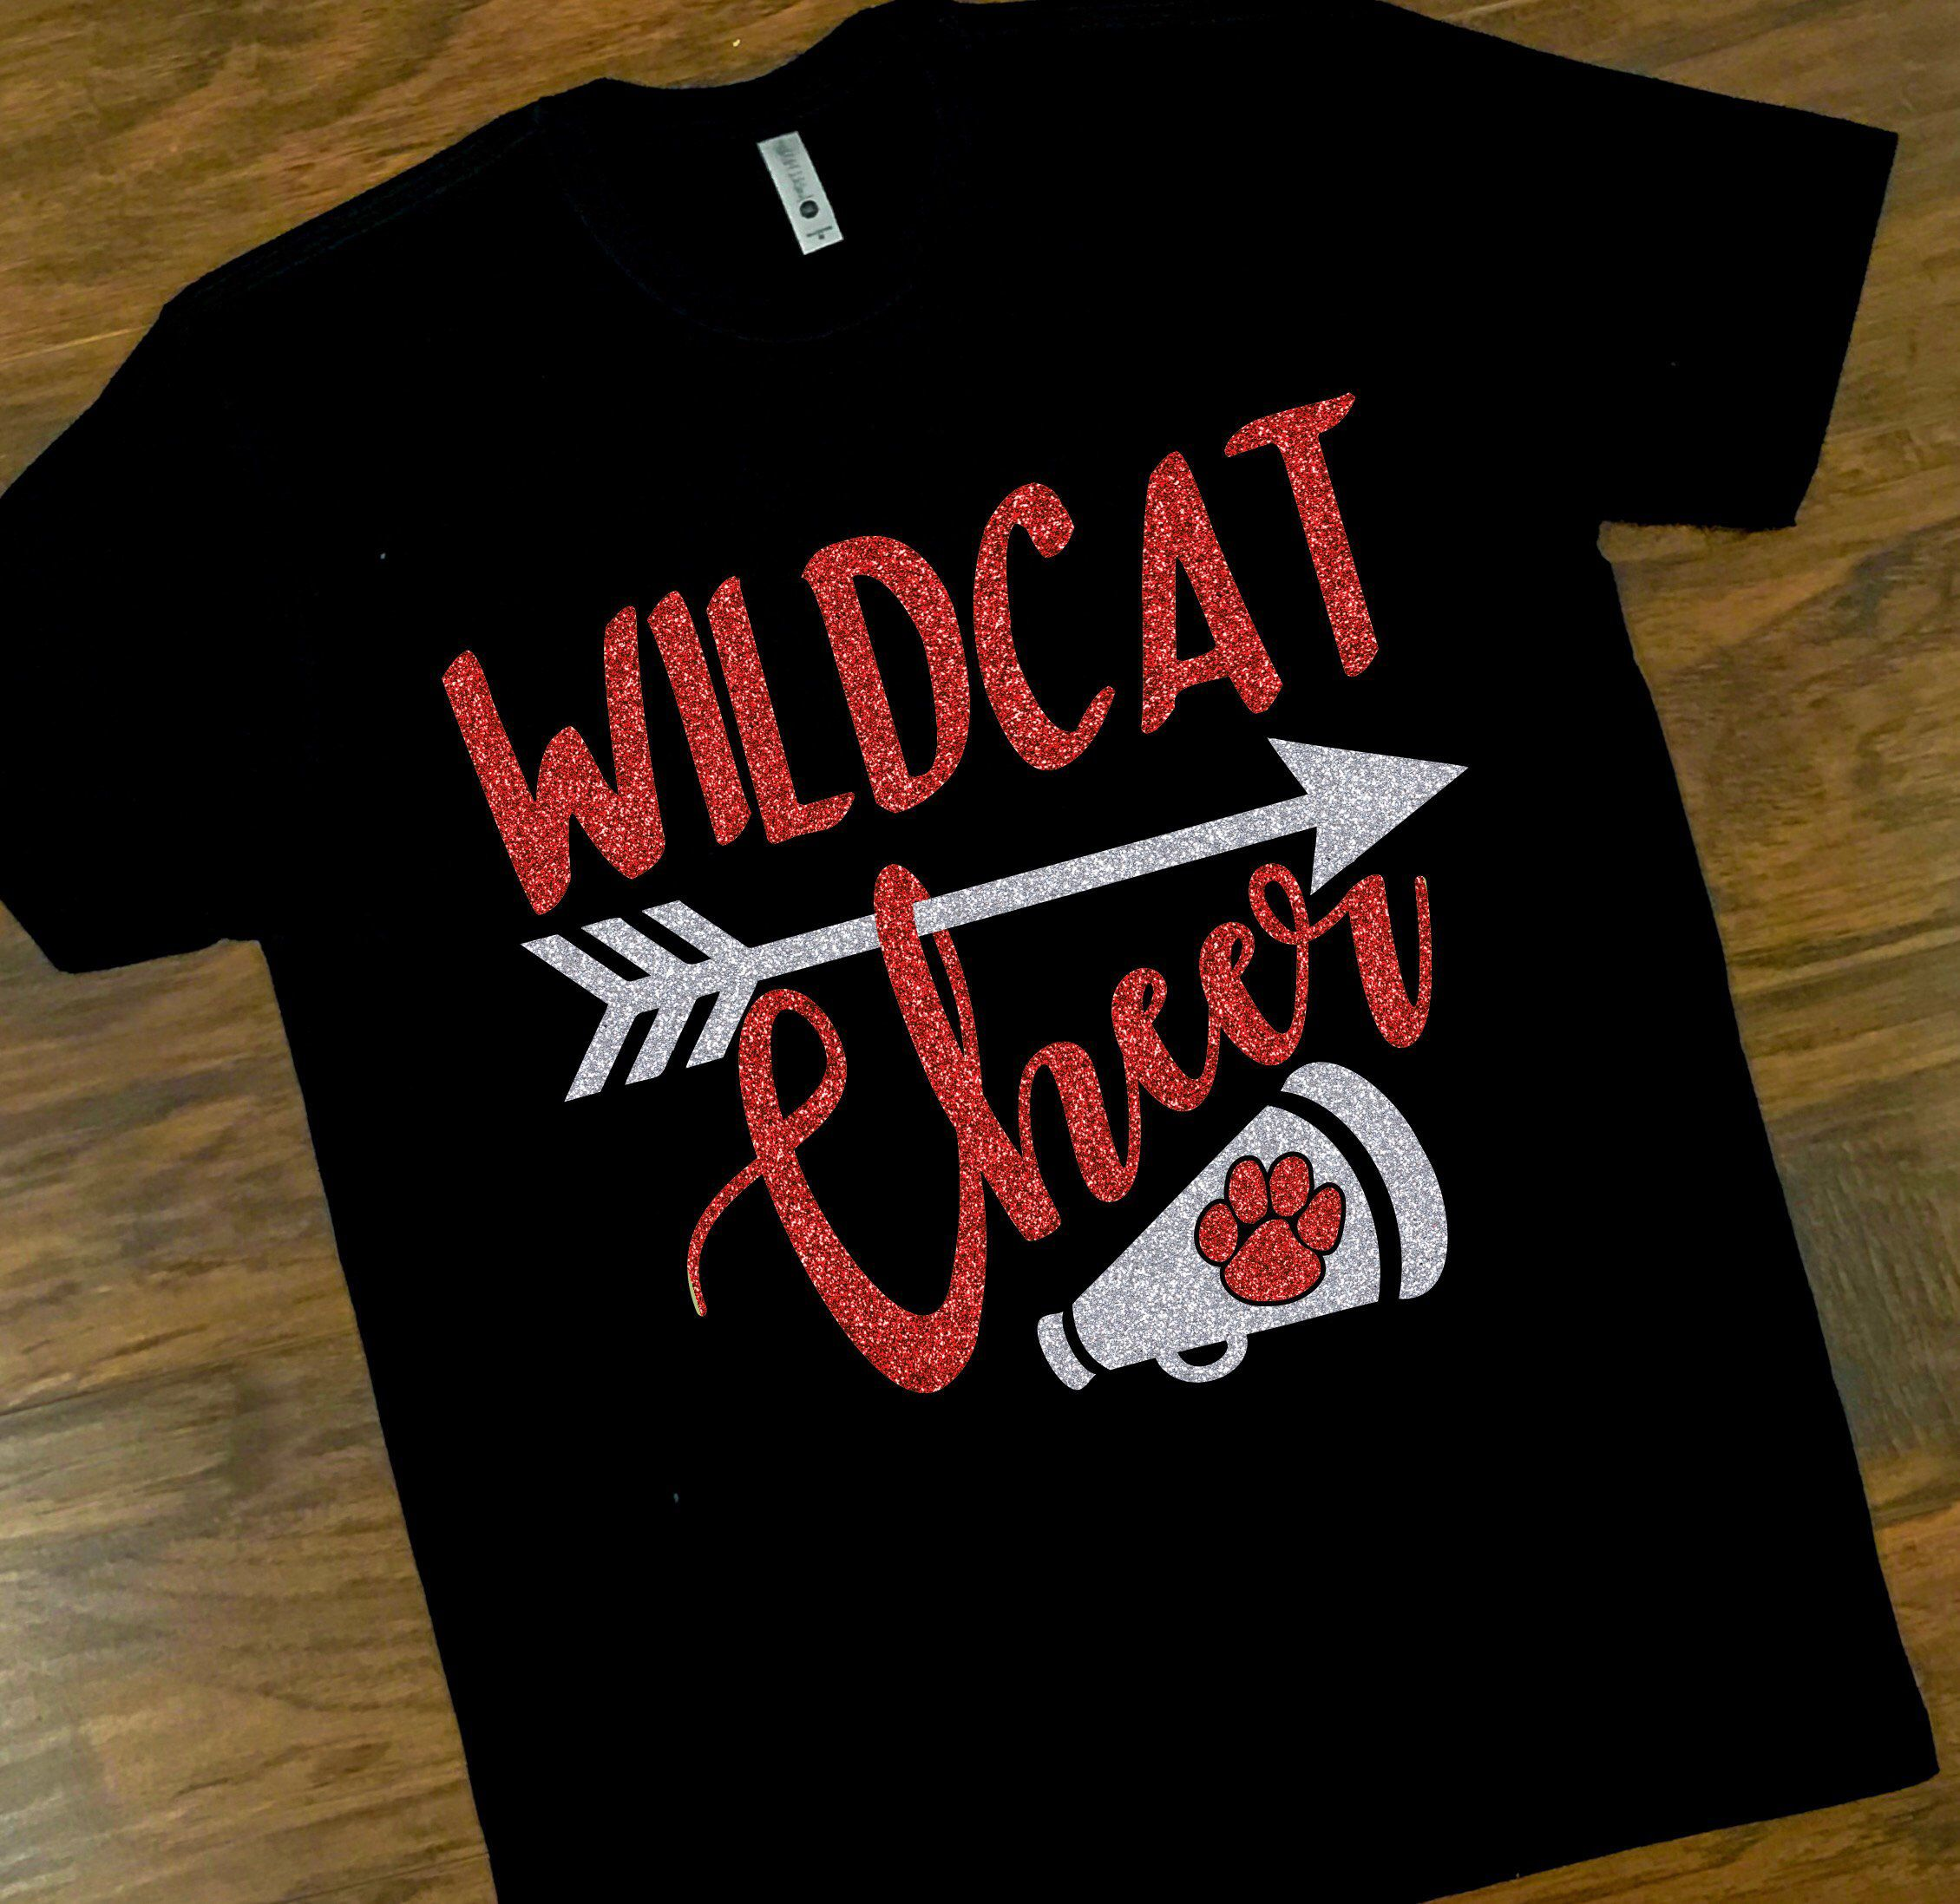 Küchendesign-logo school spirit wildcat cheer tee wildcat cheerleader tee custom